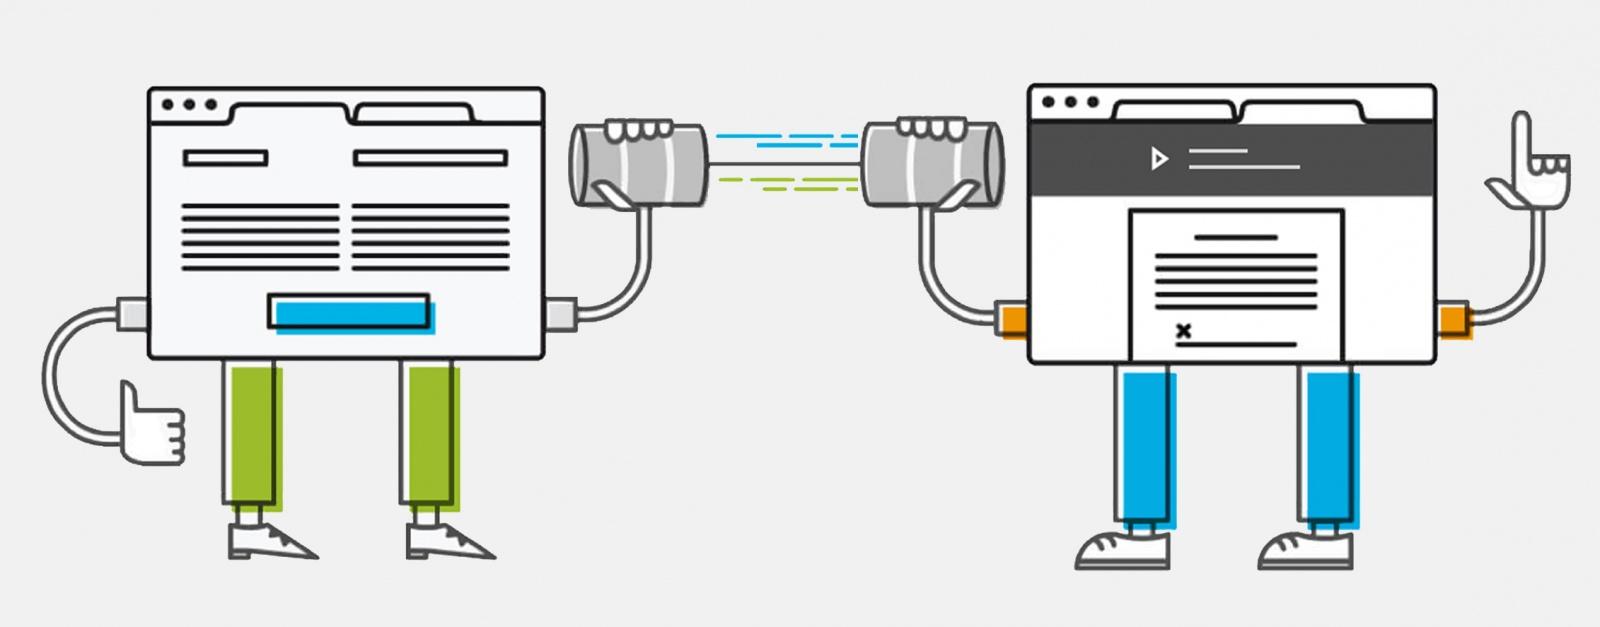 Способы синхронизации вкладок браузера - 1